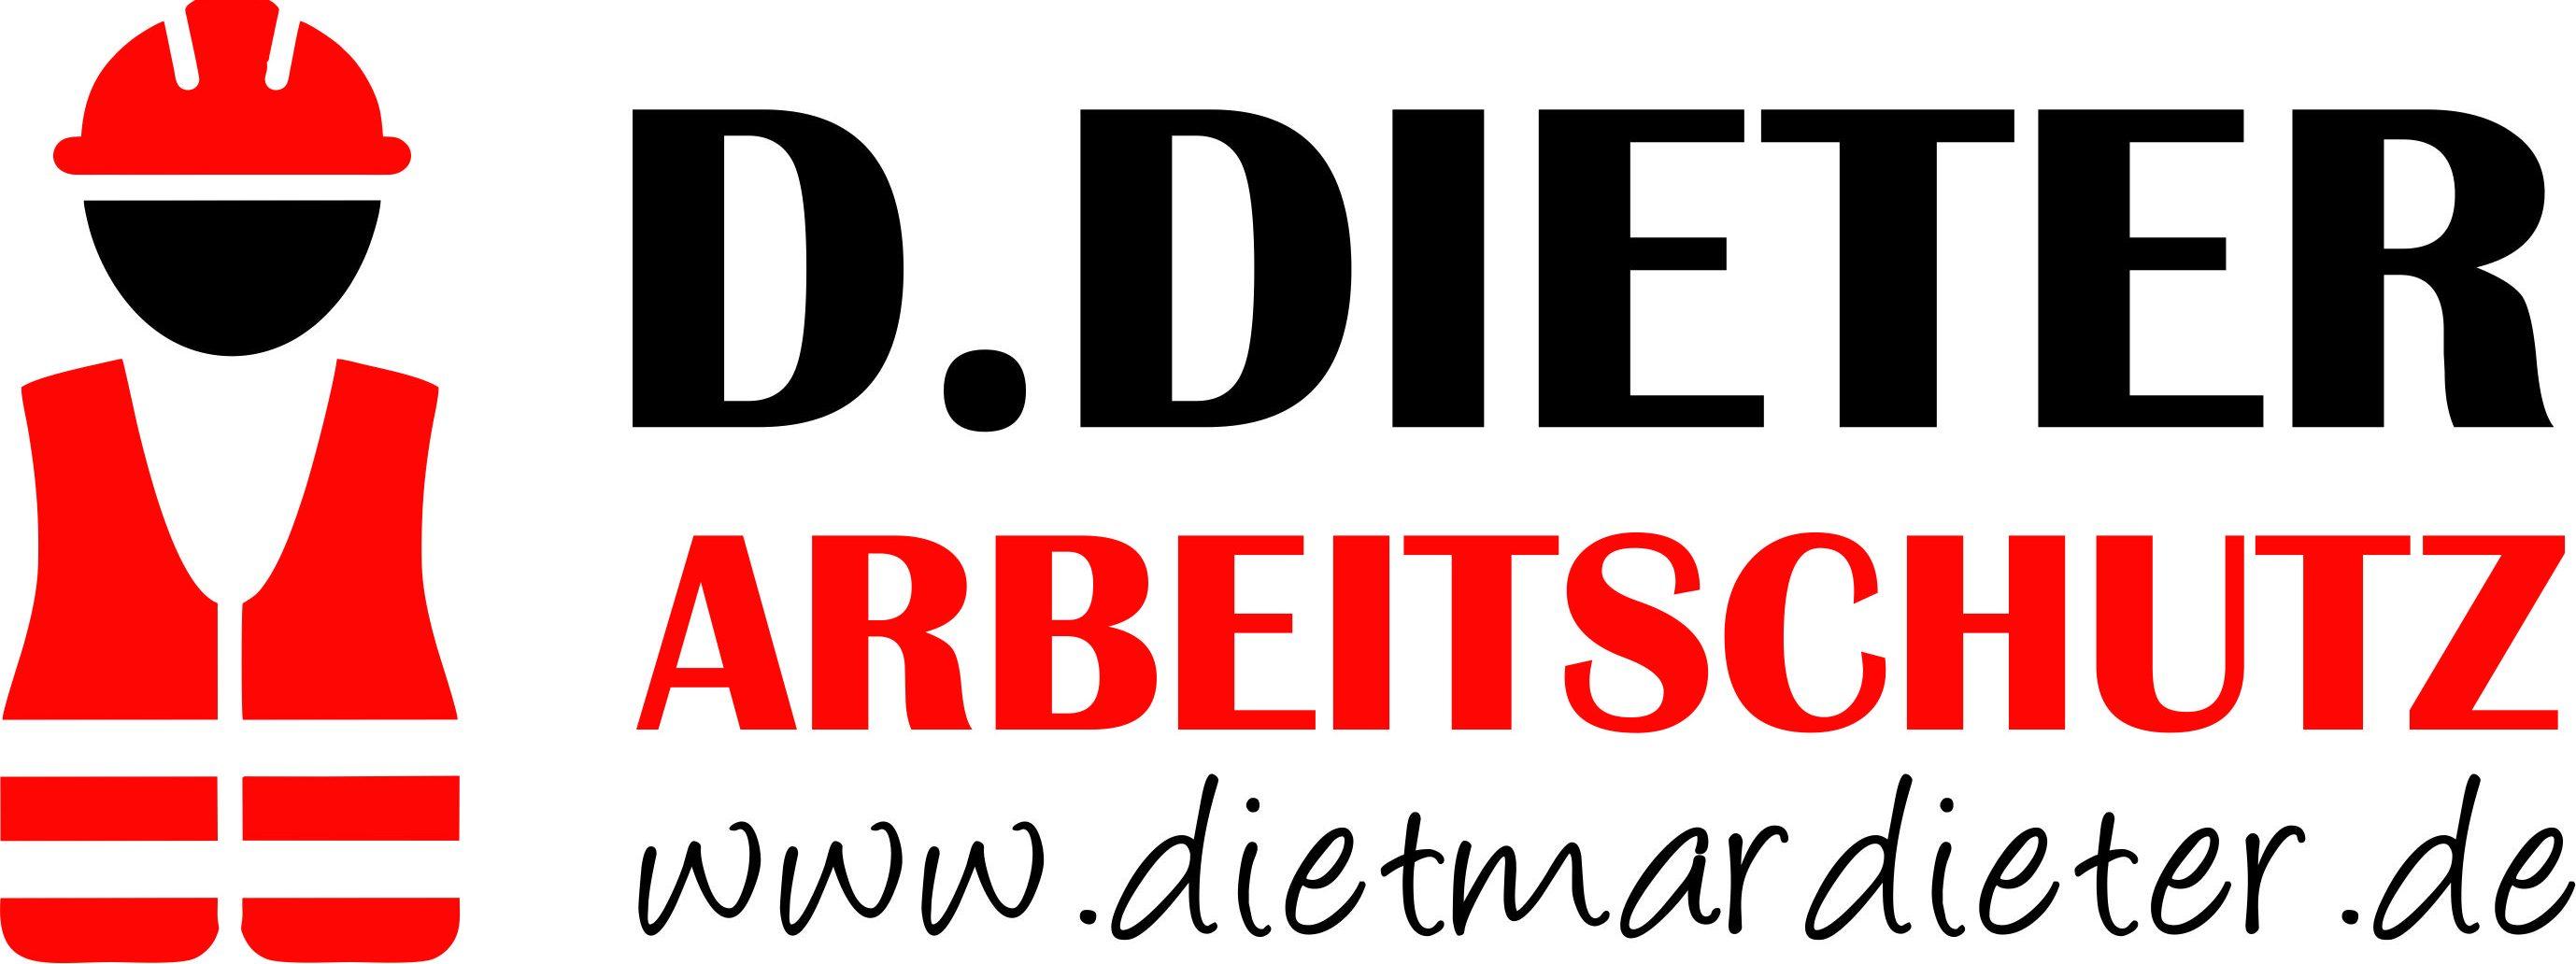 Dietmar Dieter